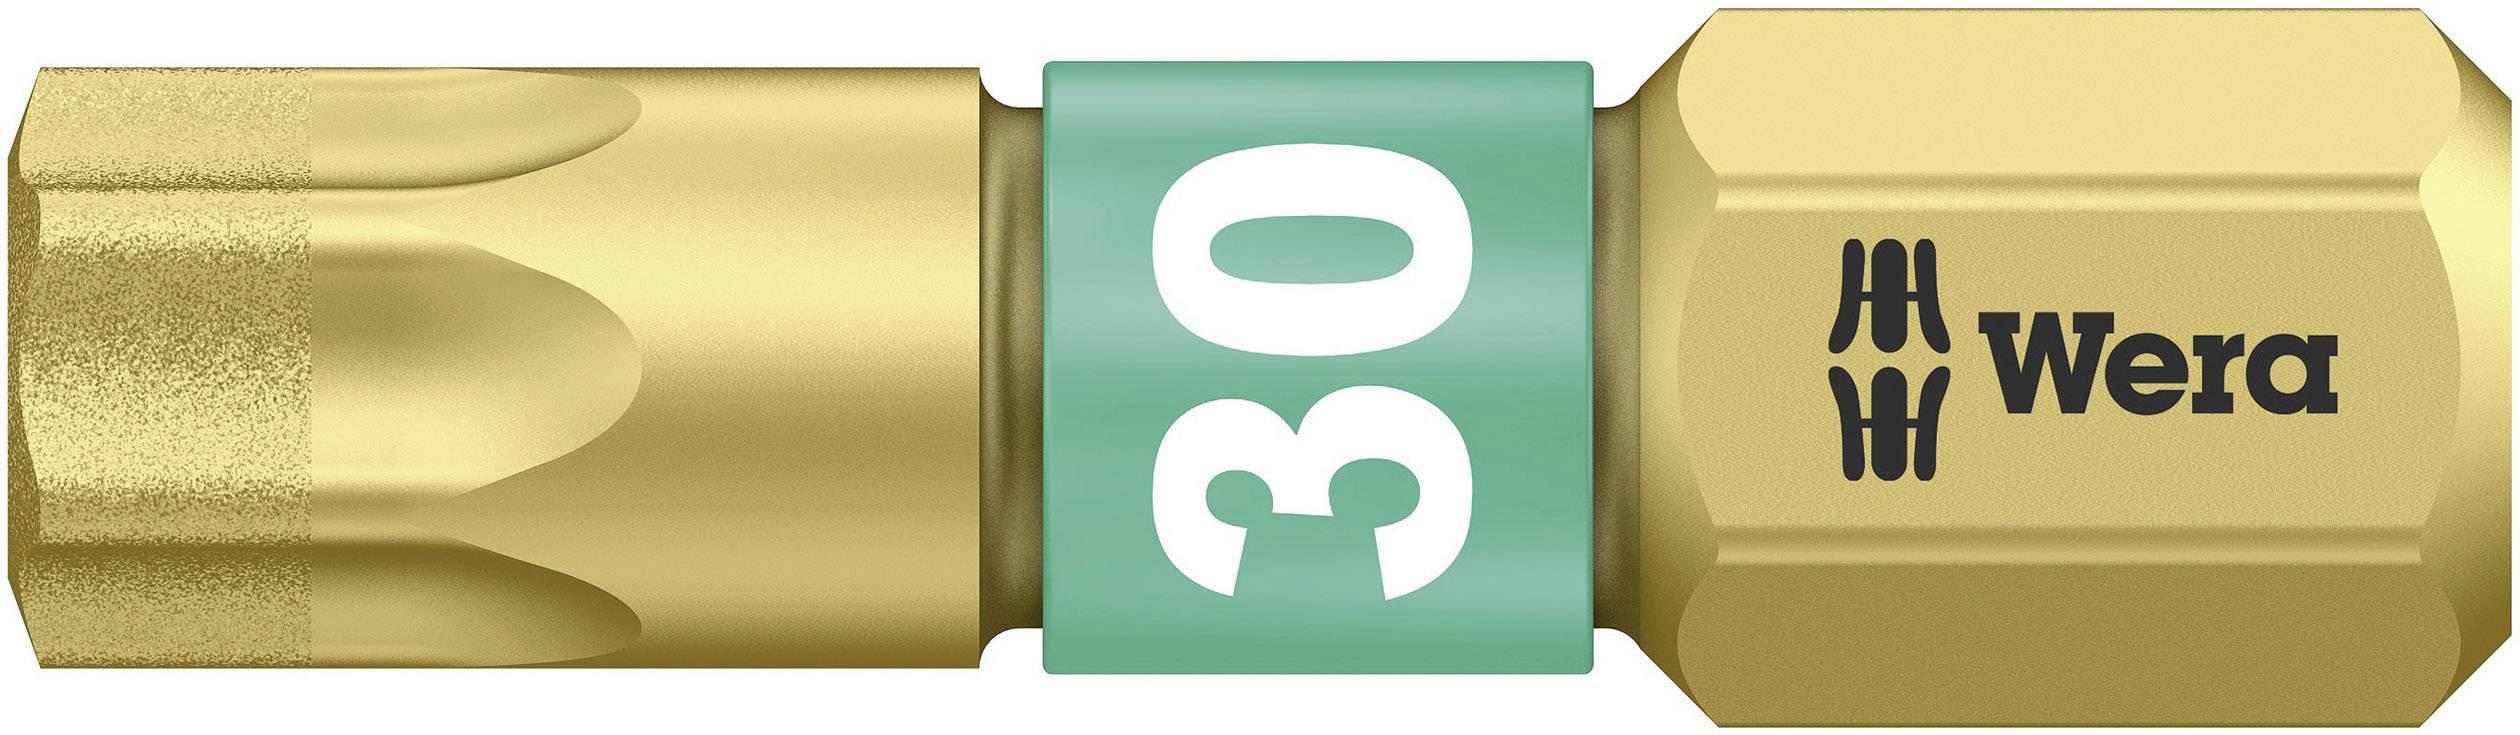 Bit Torx Wera 867/1 BDC TX30X25 05 066108 001, 25 mm, nástrojová oceľ, legované, diamantová vrstva, 1 ks